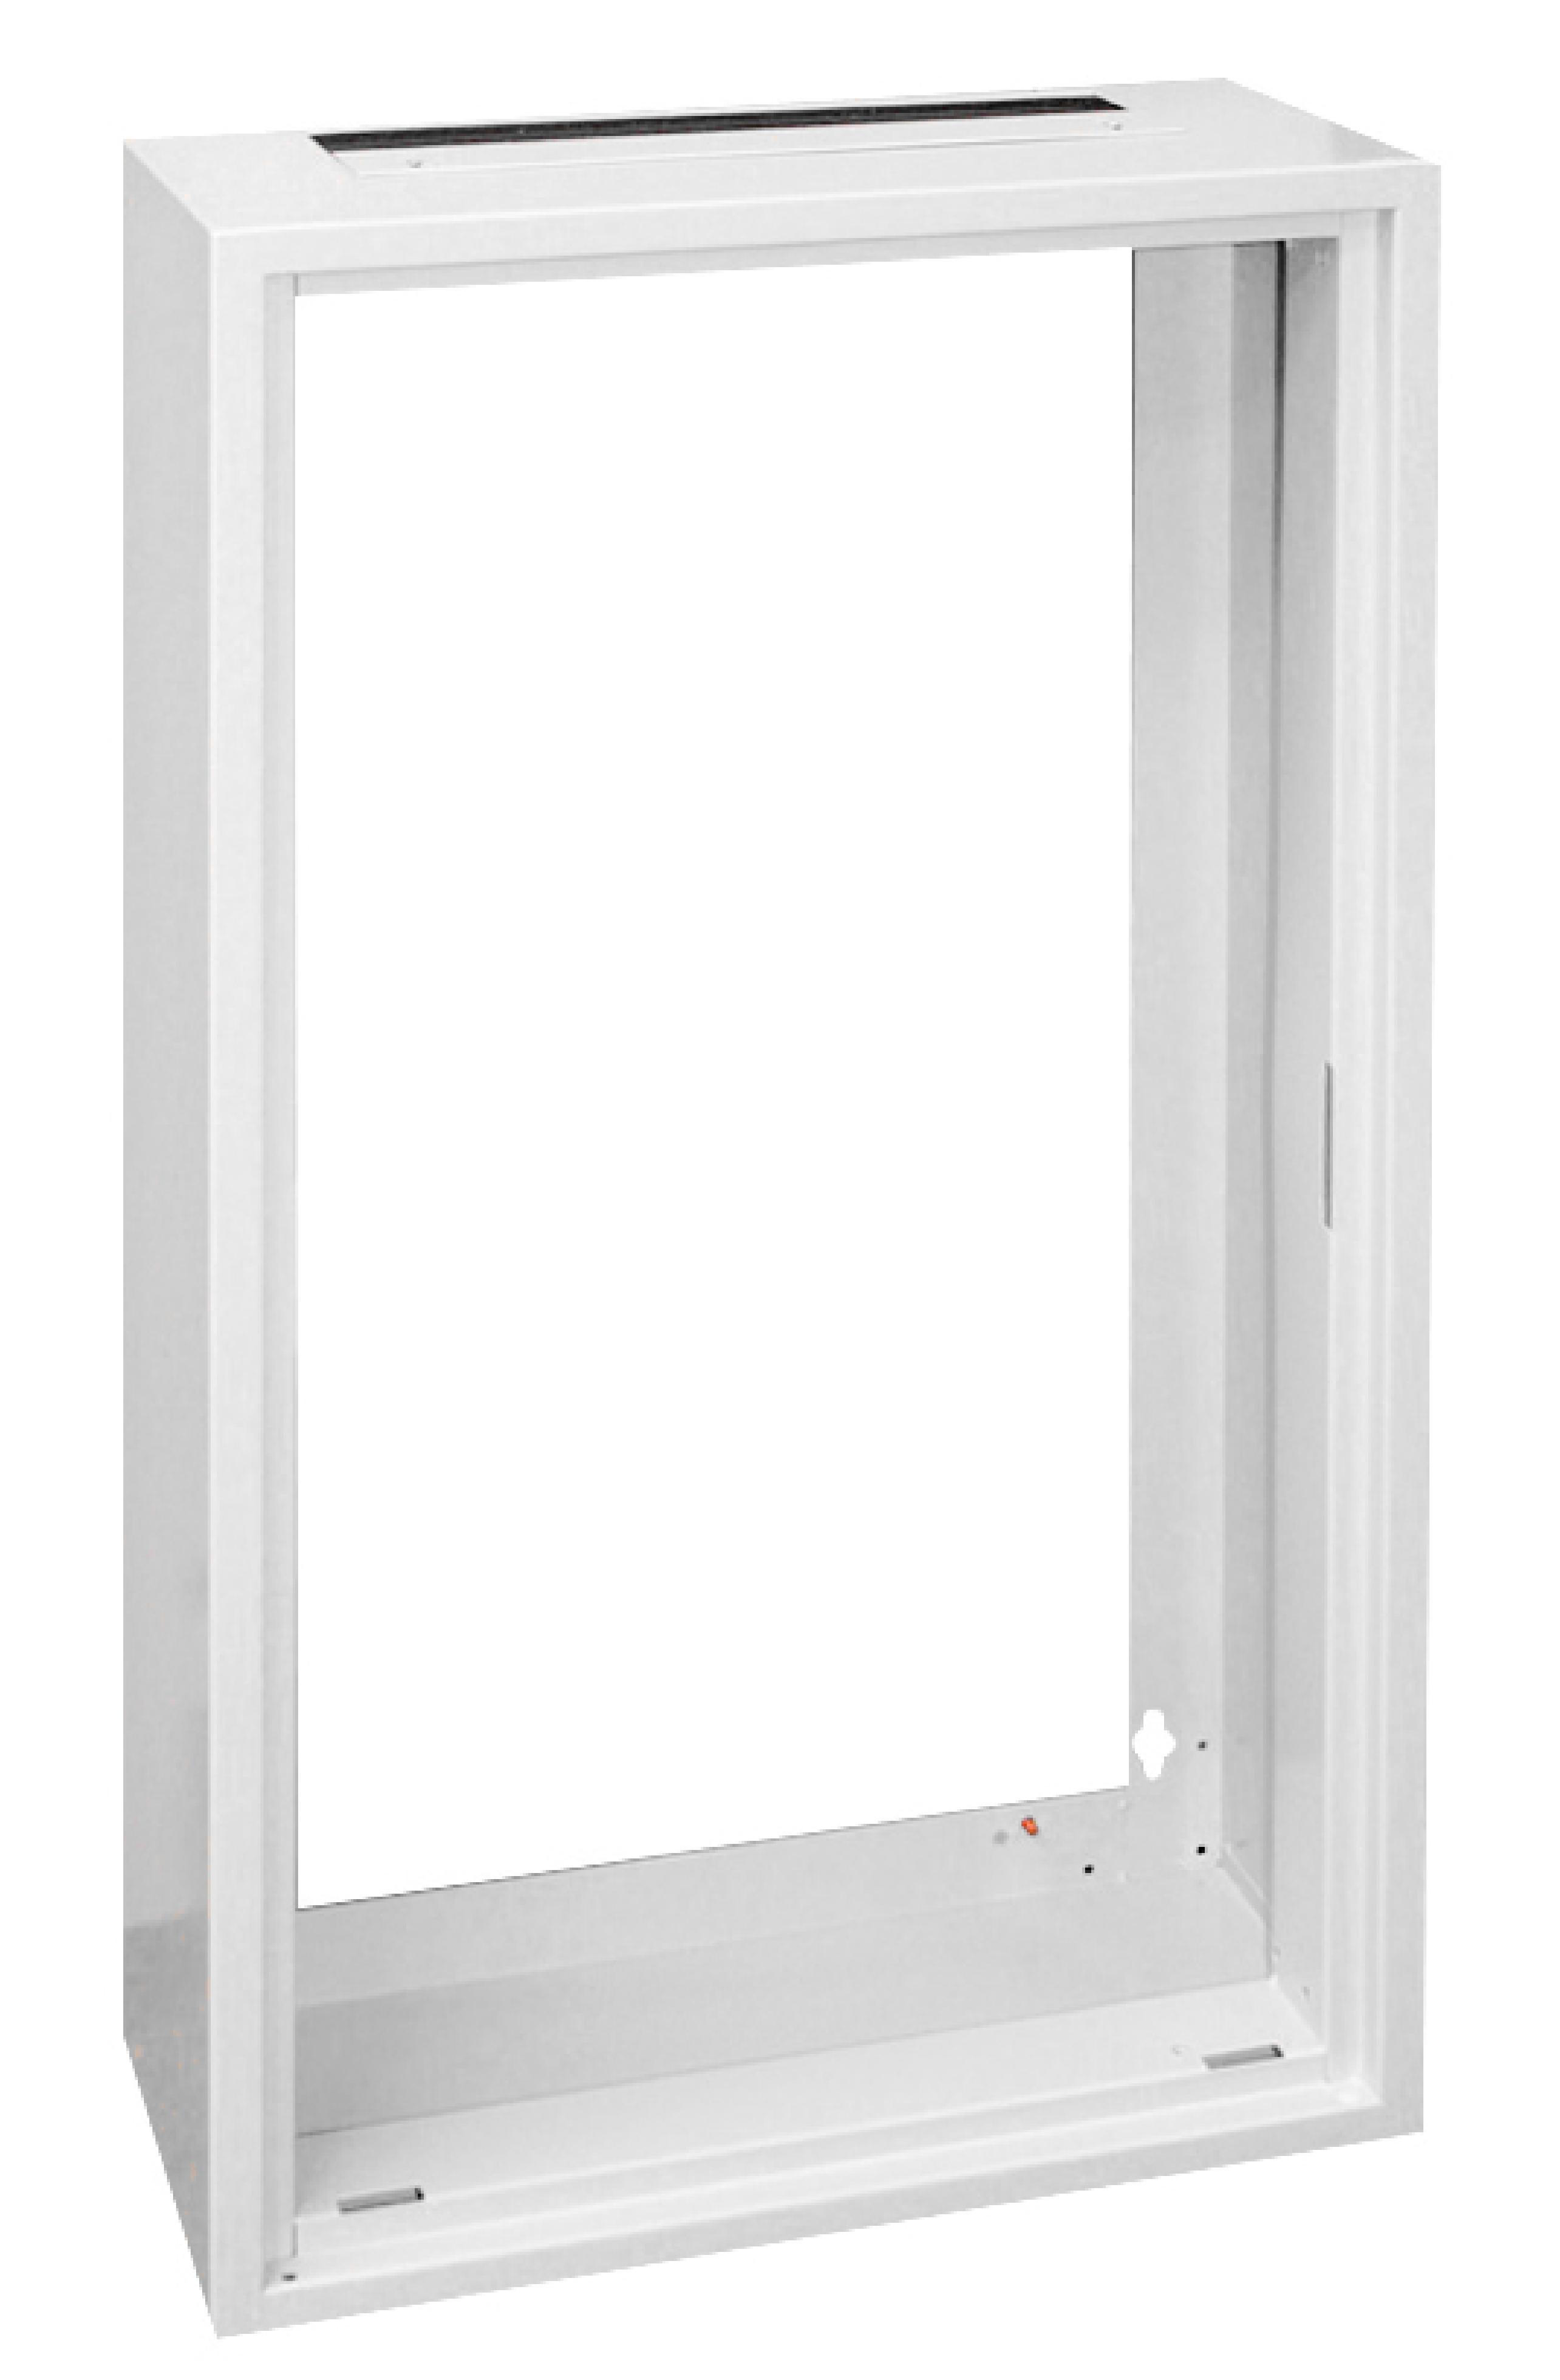 1 Stk AP-Rahmen ohne Türe und Rückwand 5A-28, H1380B1230T250mm IL001528-F